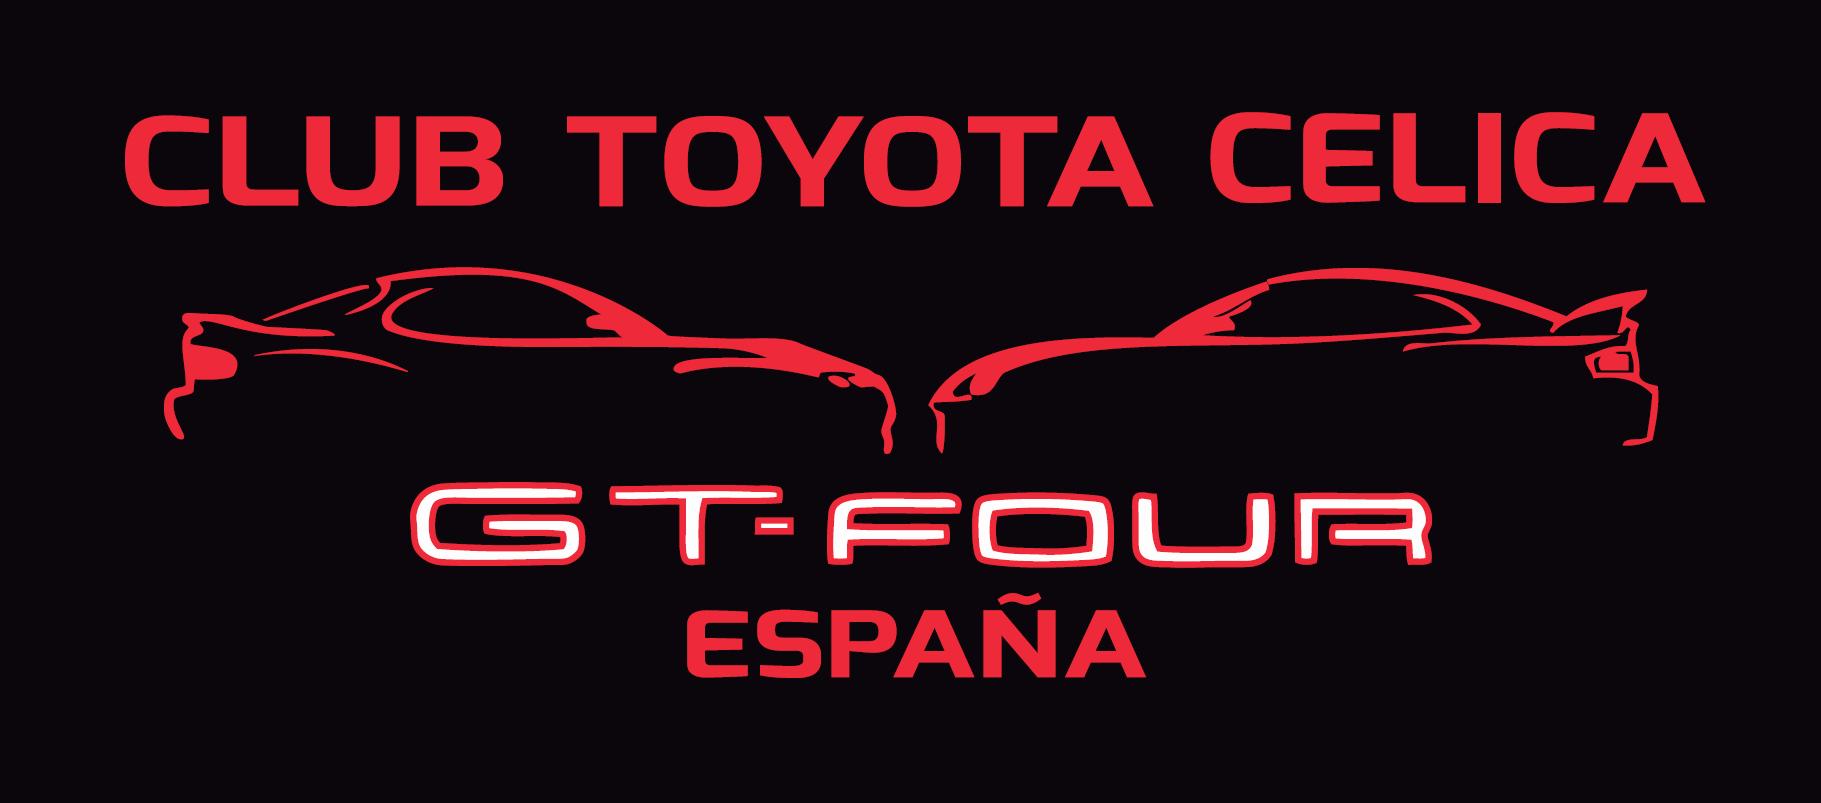 Club GT- Four Spain